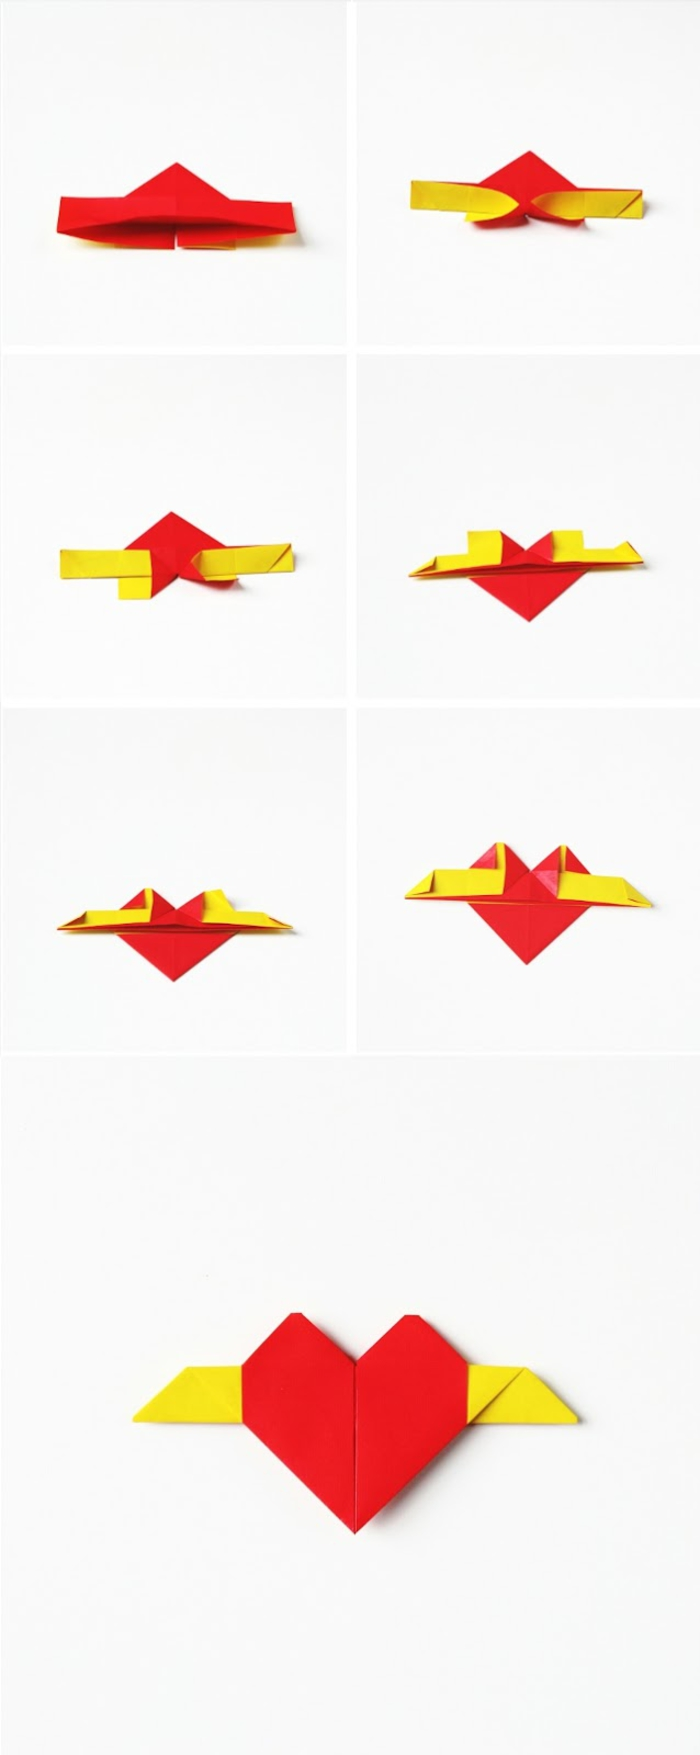 petit projet de pliage origami pour réaliser un modèle de coeur ailé en origami, idée pour un bricolage facile pour la saint-valentin